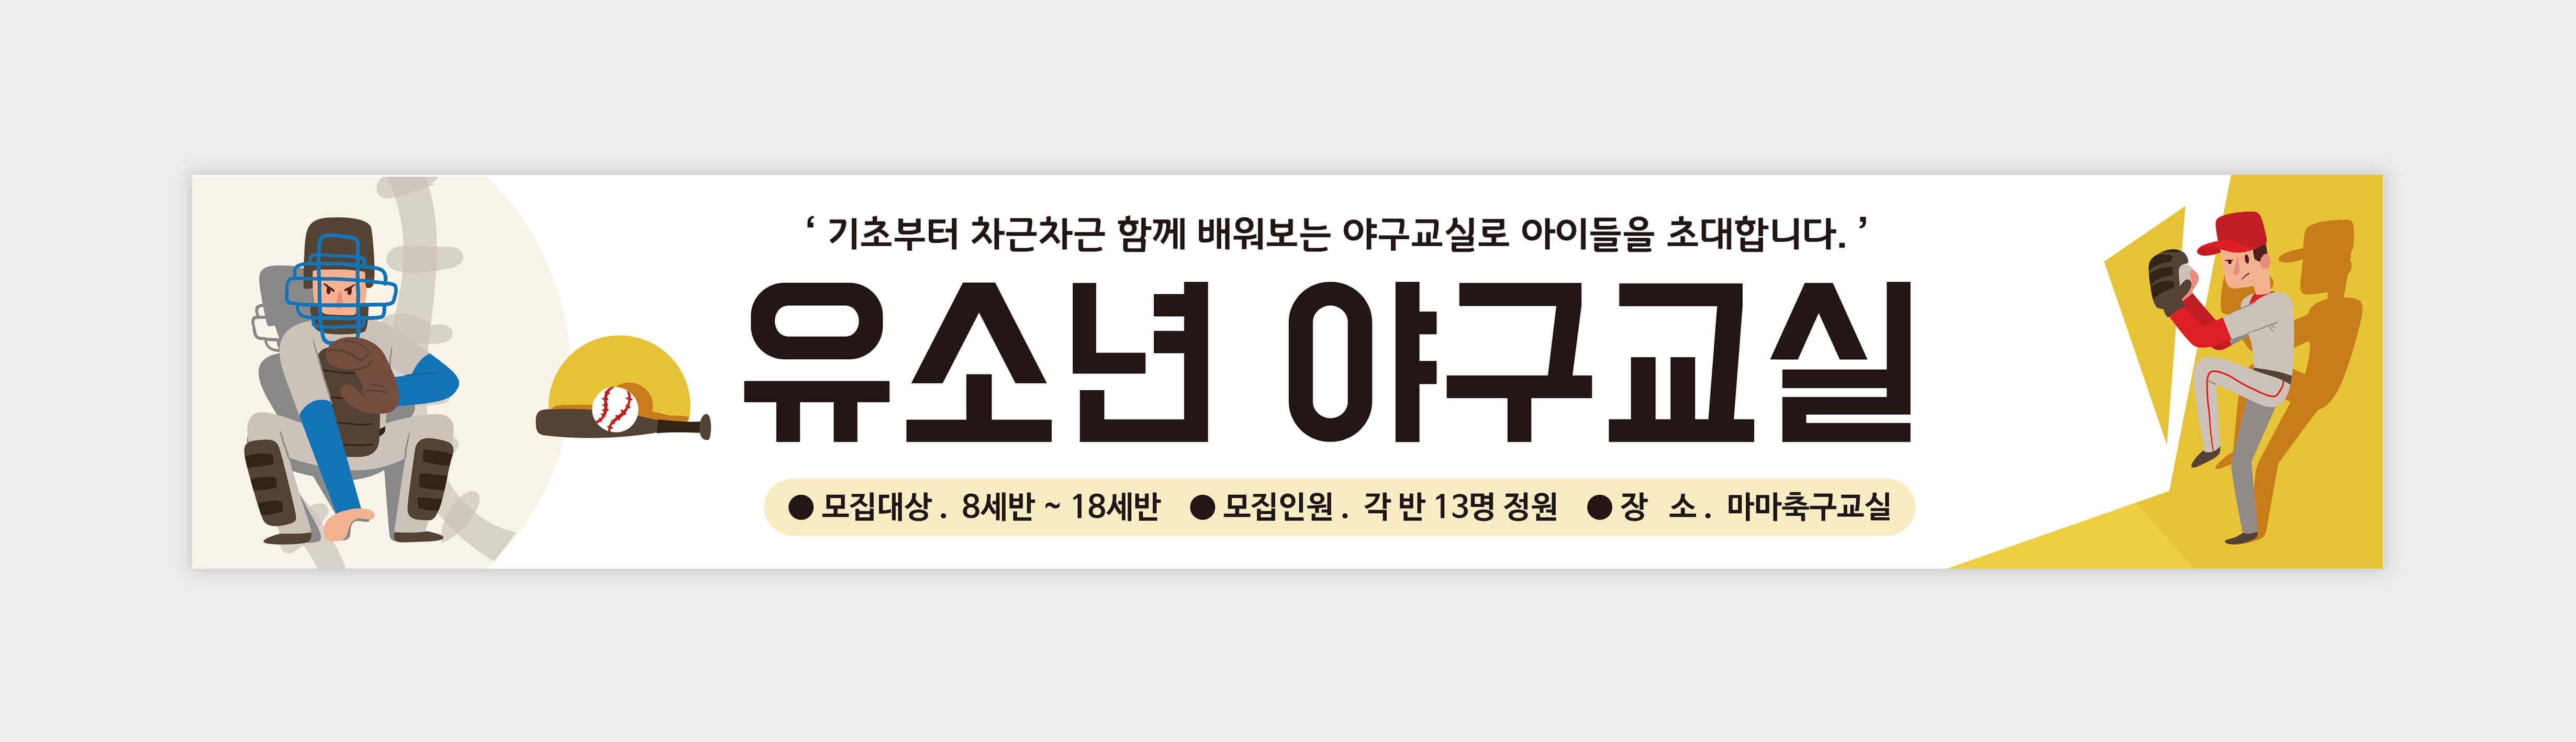 현수막_069